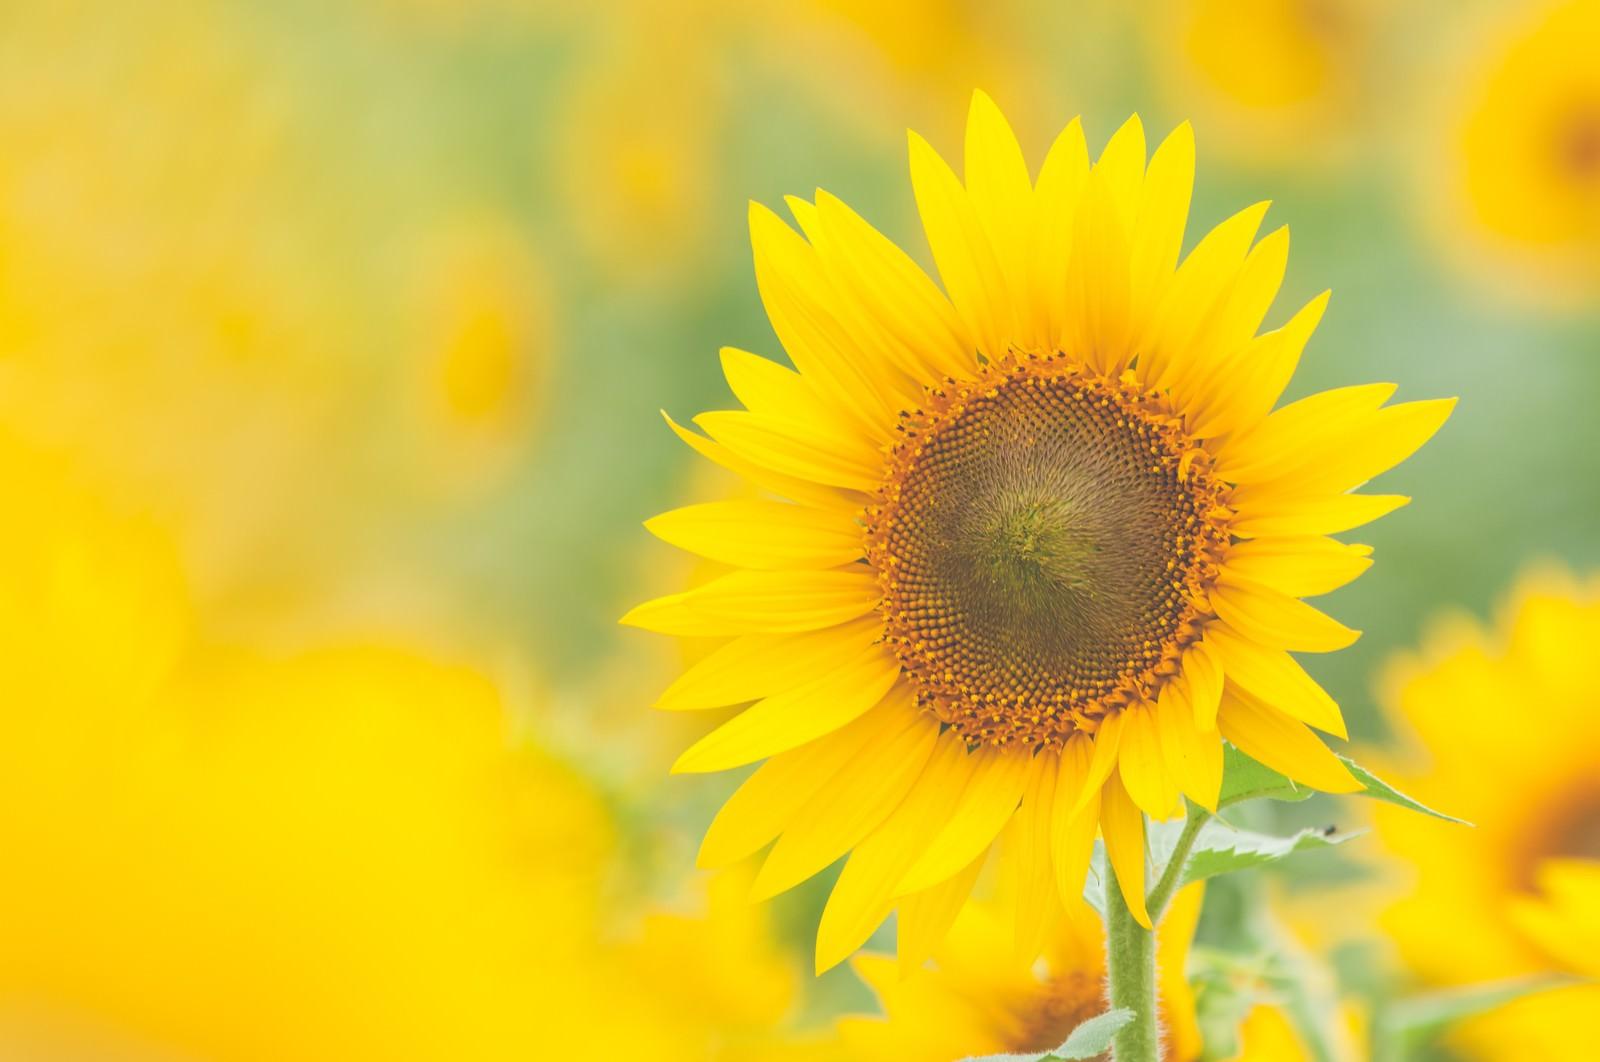 「淡いひまわりの黄色」の写真